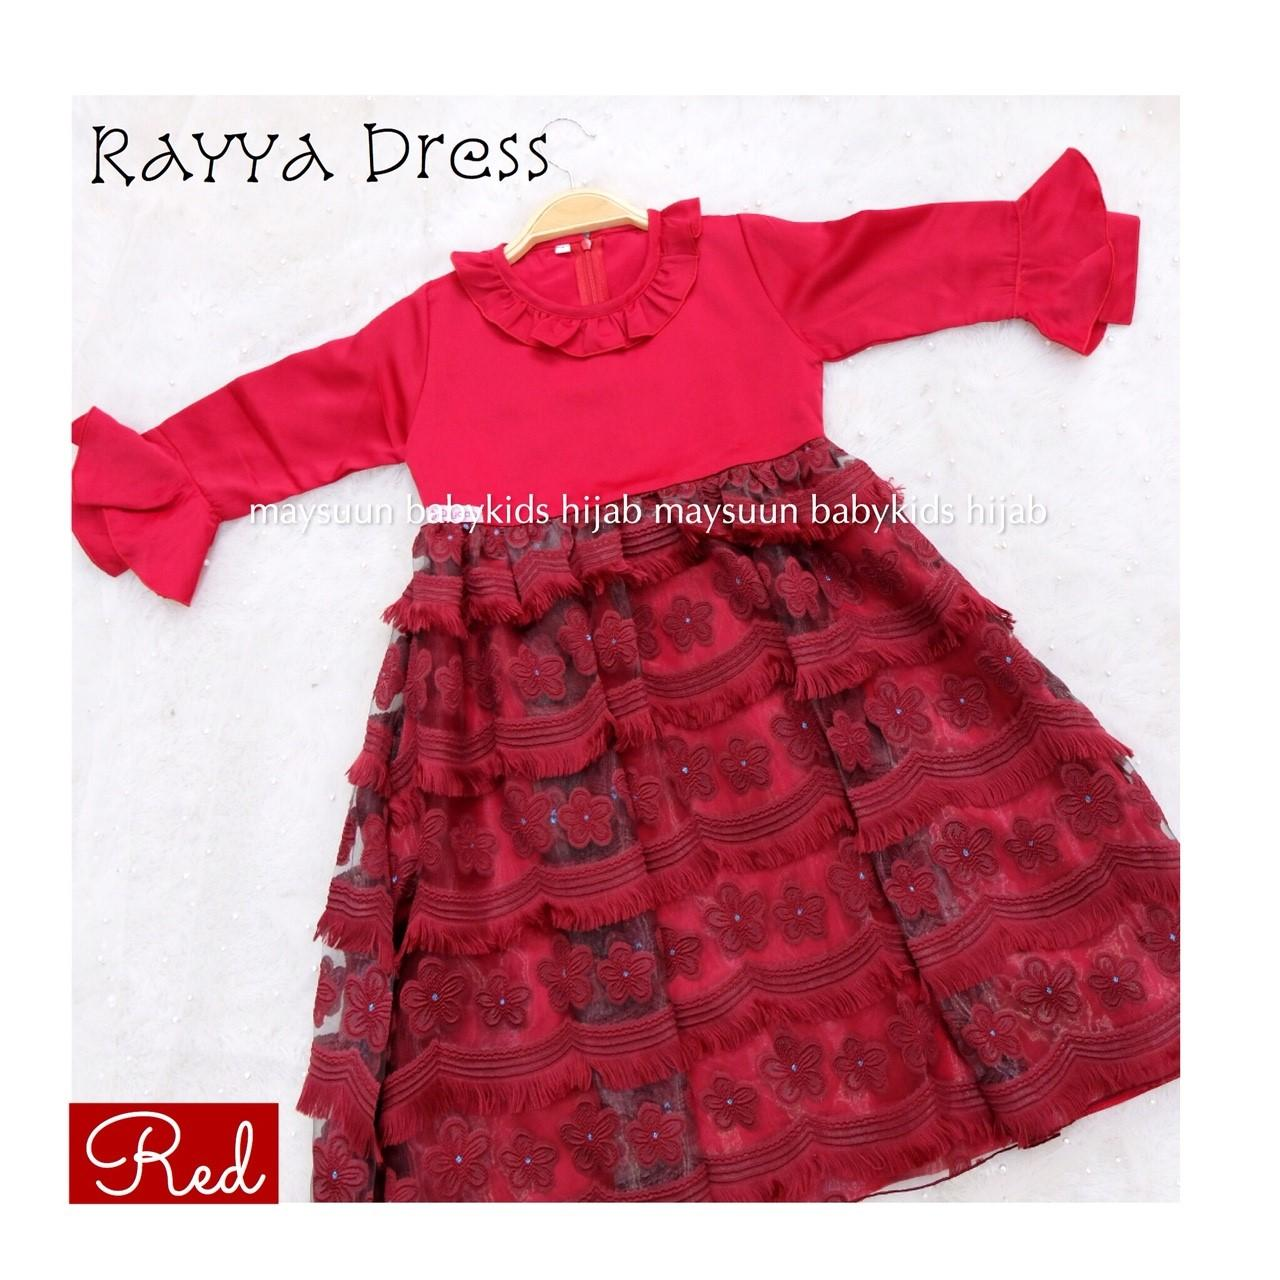 Fairuz Hijab, Baju Gamis Anak Perempuan Branded Mewah, Baju Muslim Anak Modern , Busana Muslim Anak Elegan Terbaru Warna Merah, Dress Pesta  ( Gamis Only )